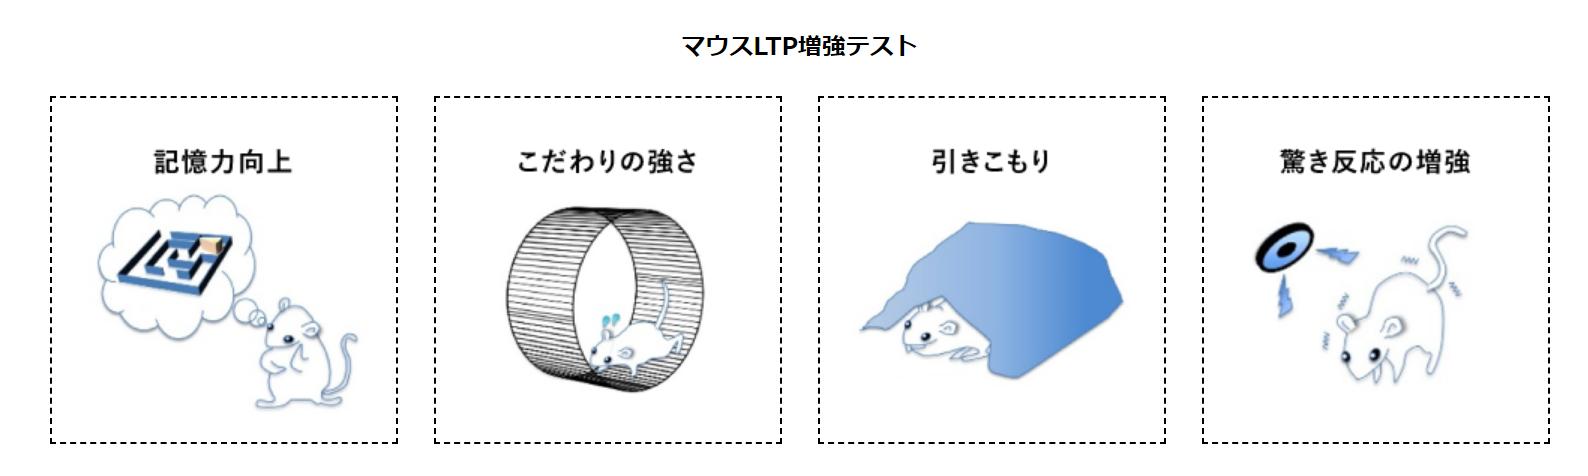 マウスLTP増強テスト